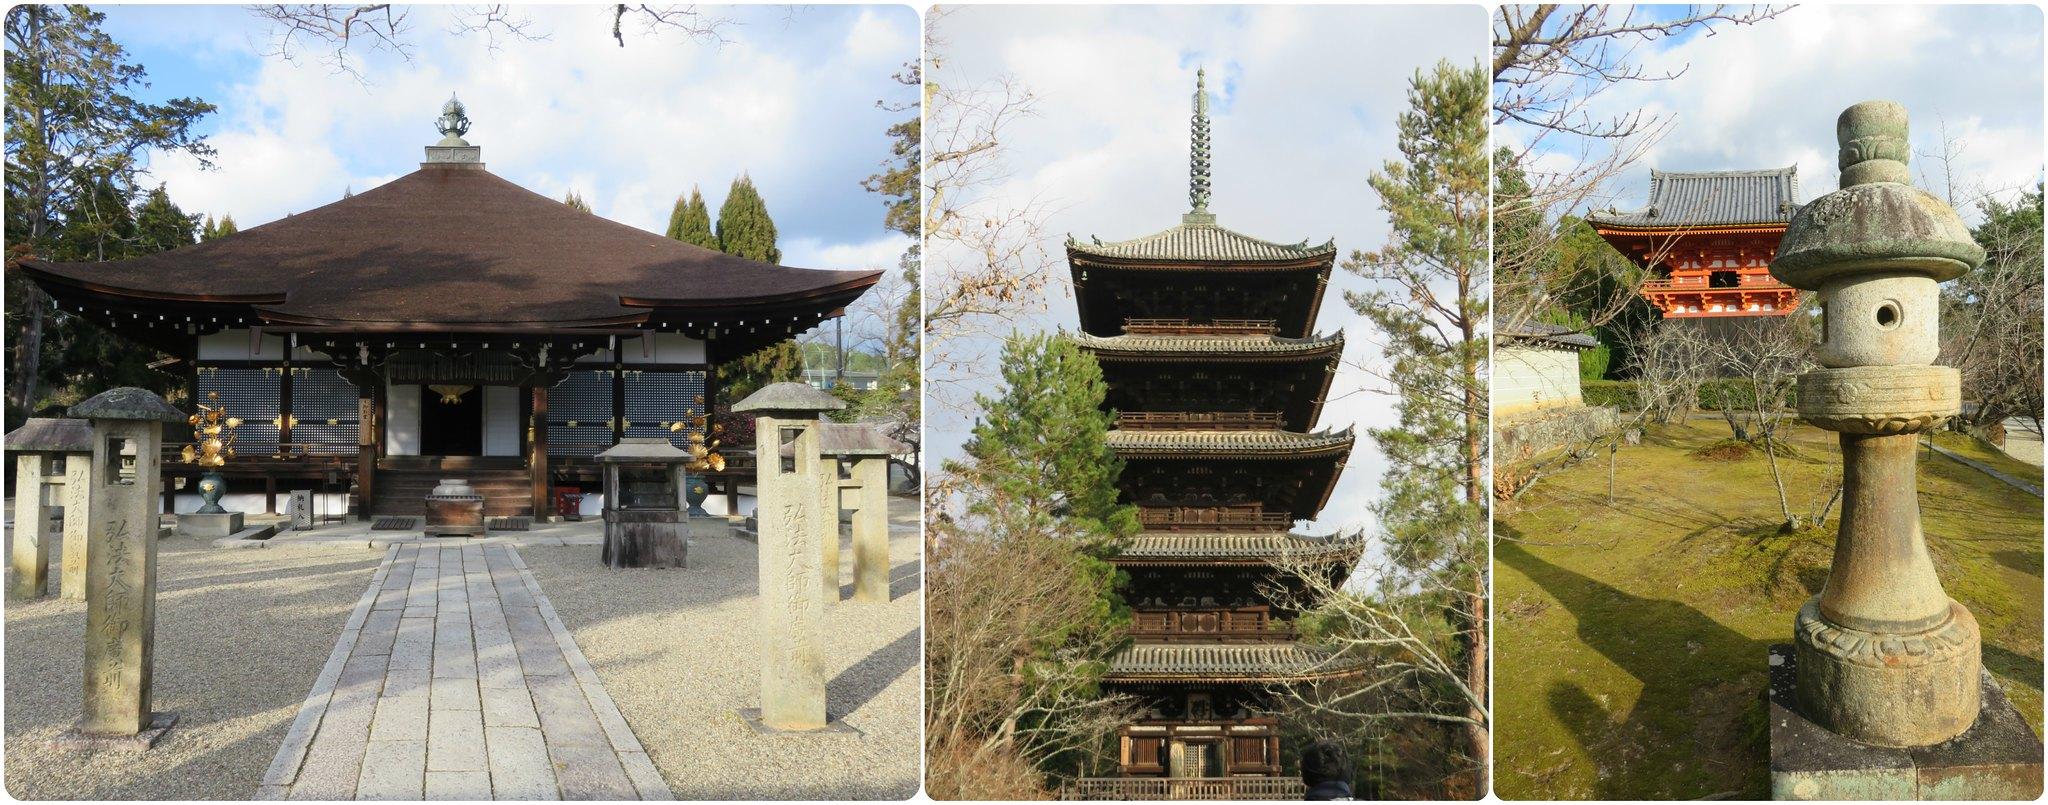 templo 3